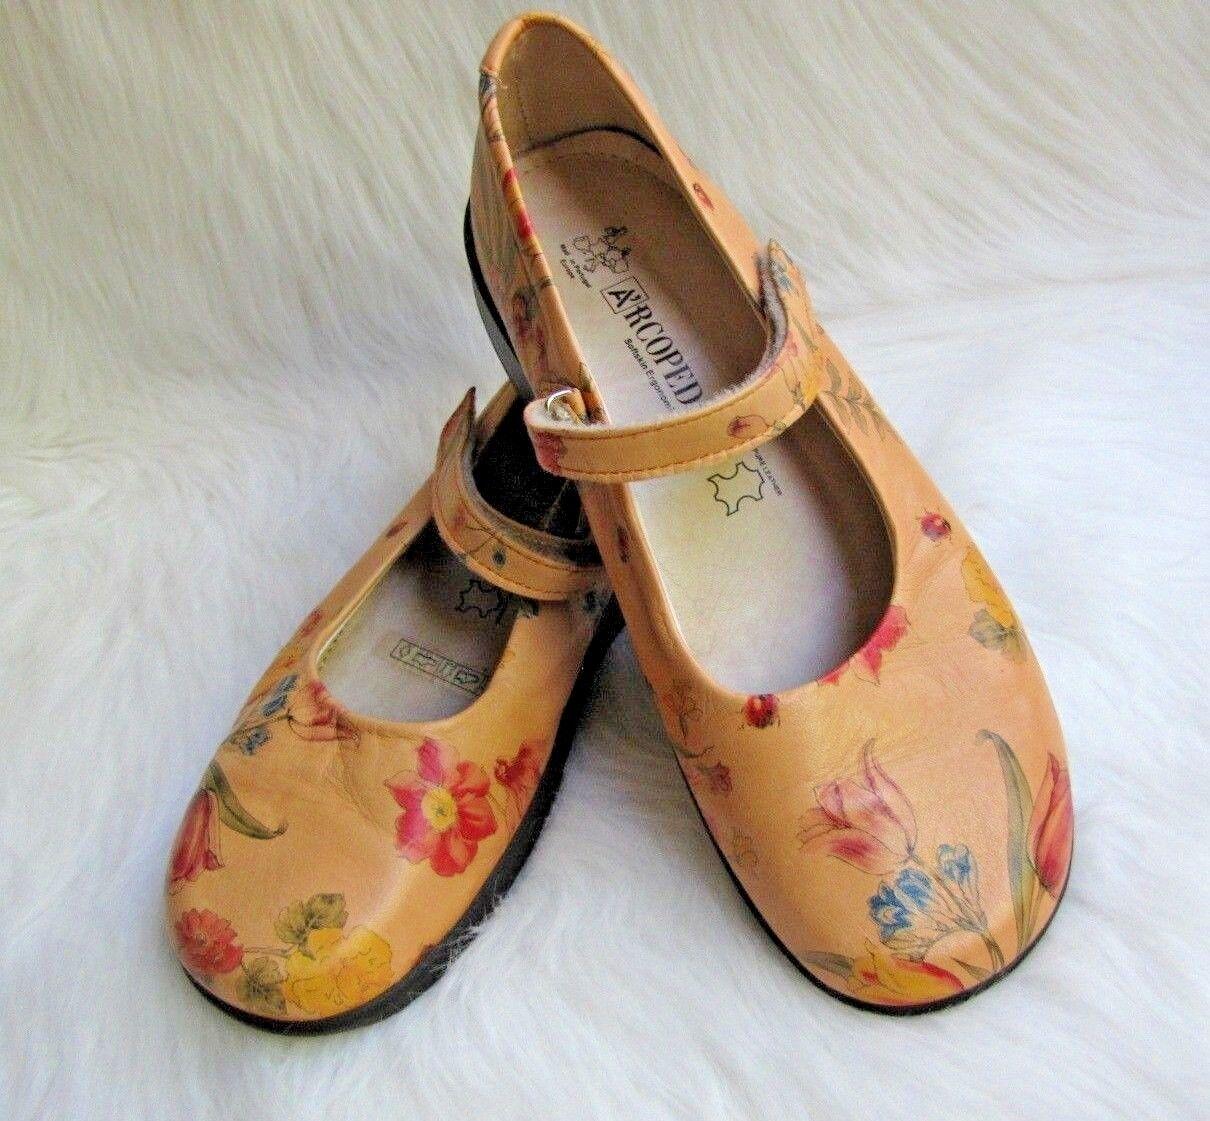 Women's Arcopedico Floral Leather Mary Jane Comfort shoes Sz Sz Sz 38 EU (7.5-8 US) 740256